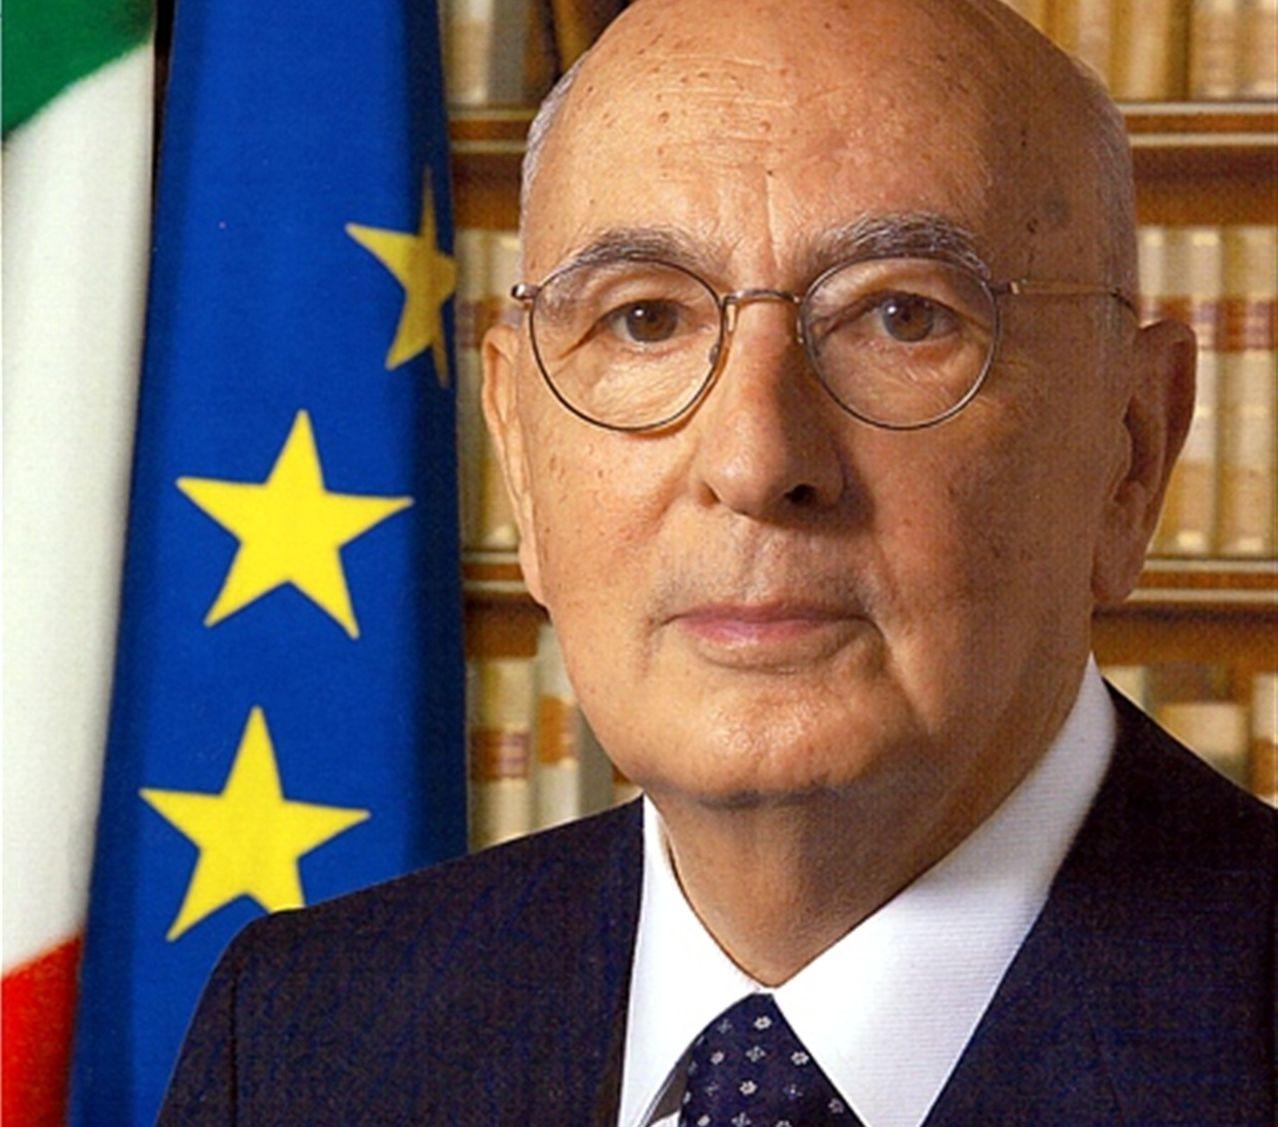 președintele italiei